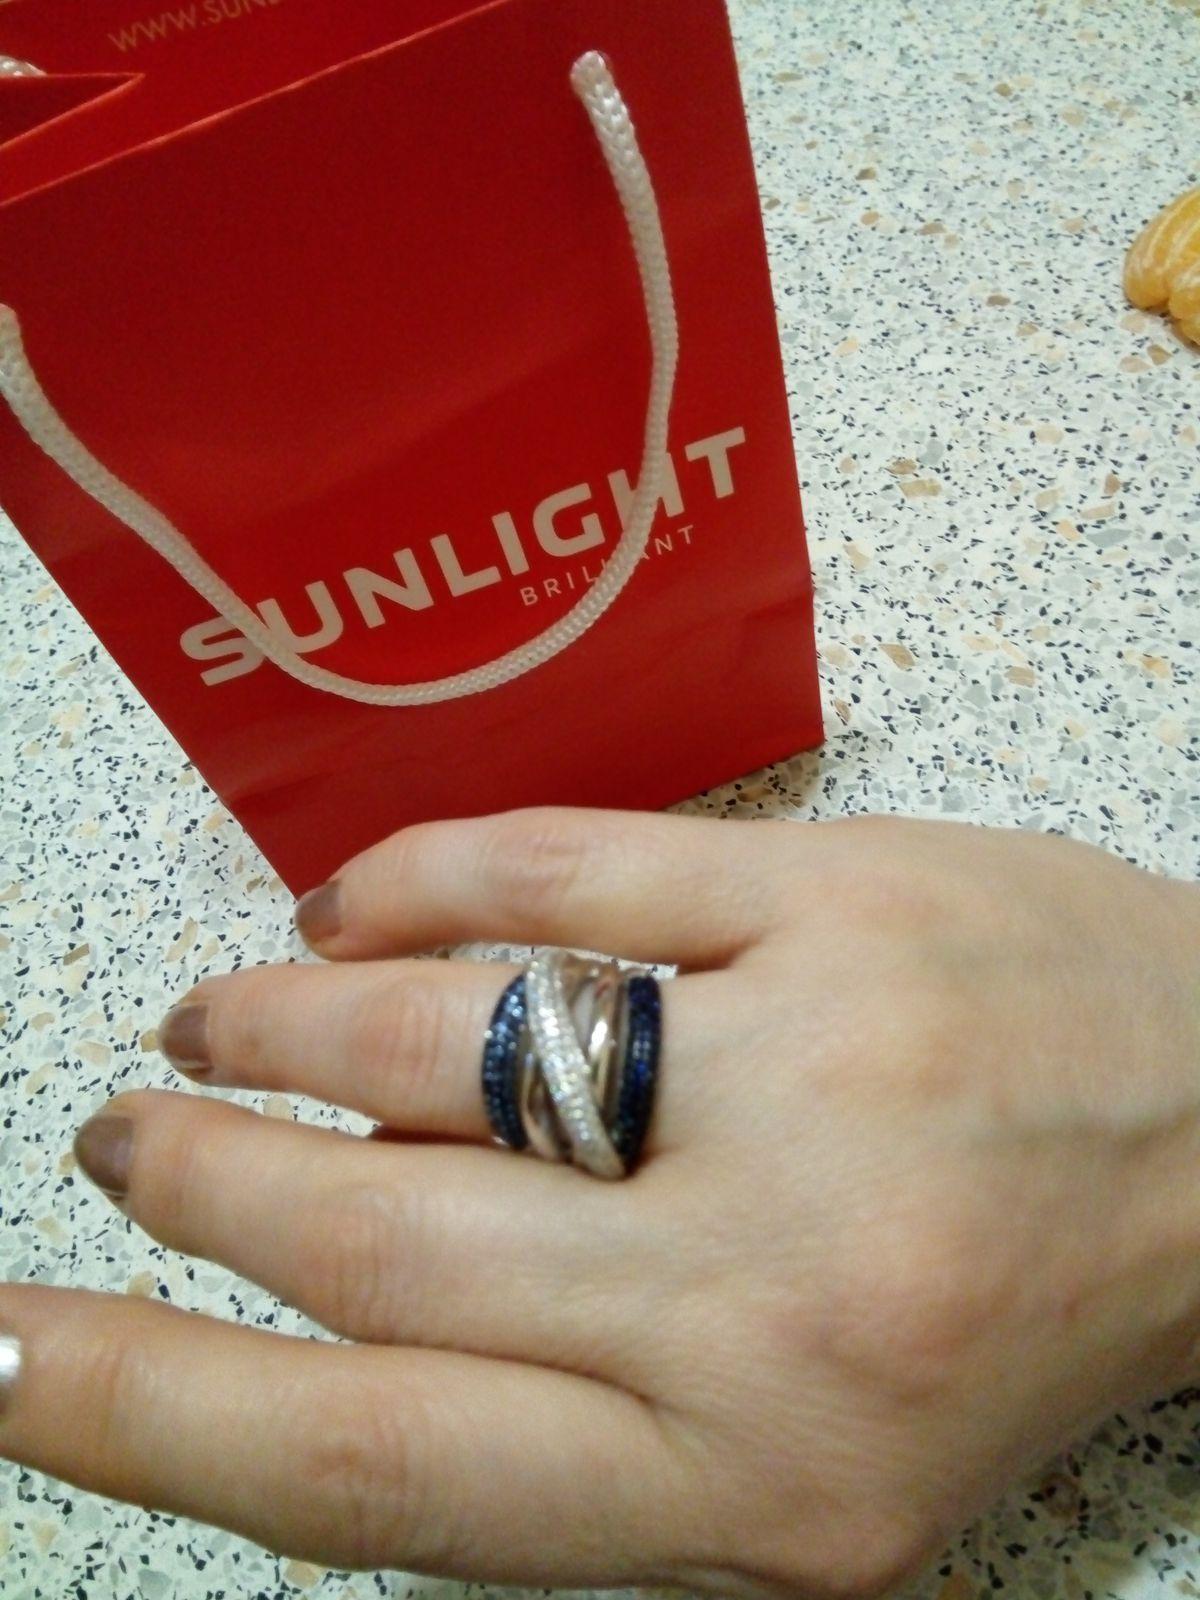 Прекрасный выбор серебра в Sunlight  РИО.Довольна посещением и покупкой.